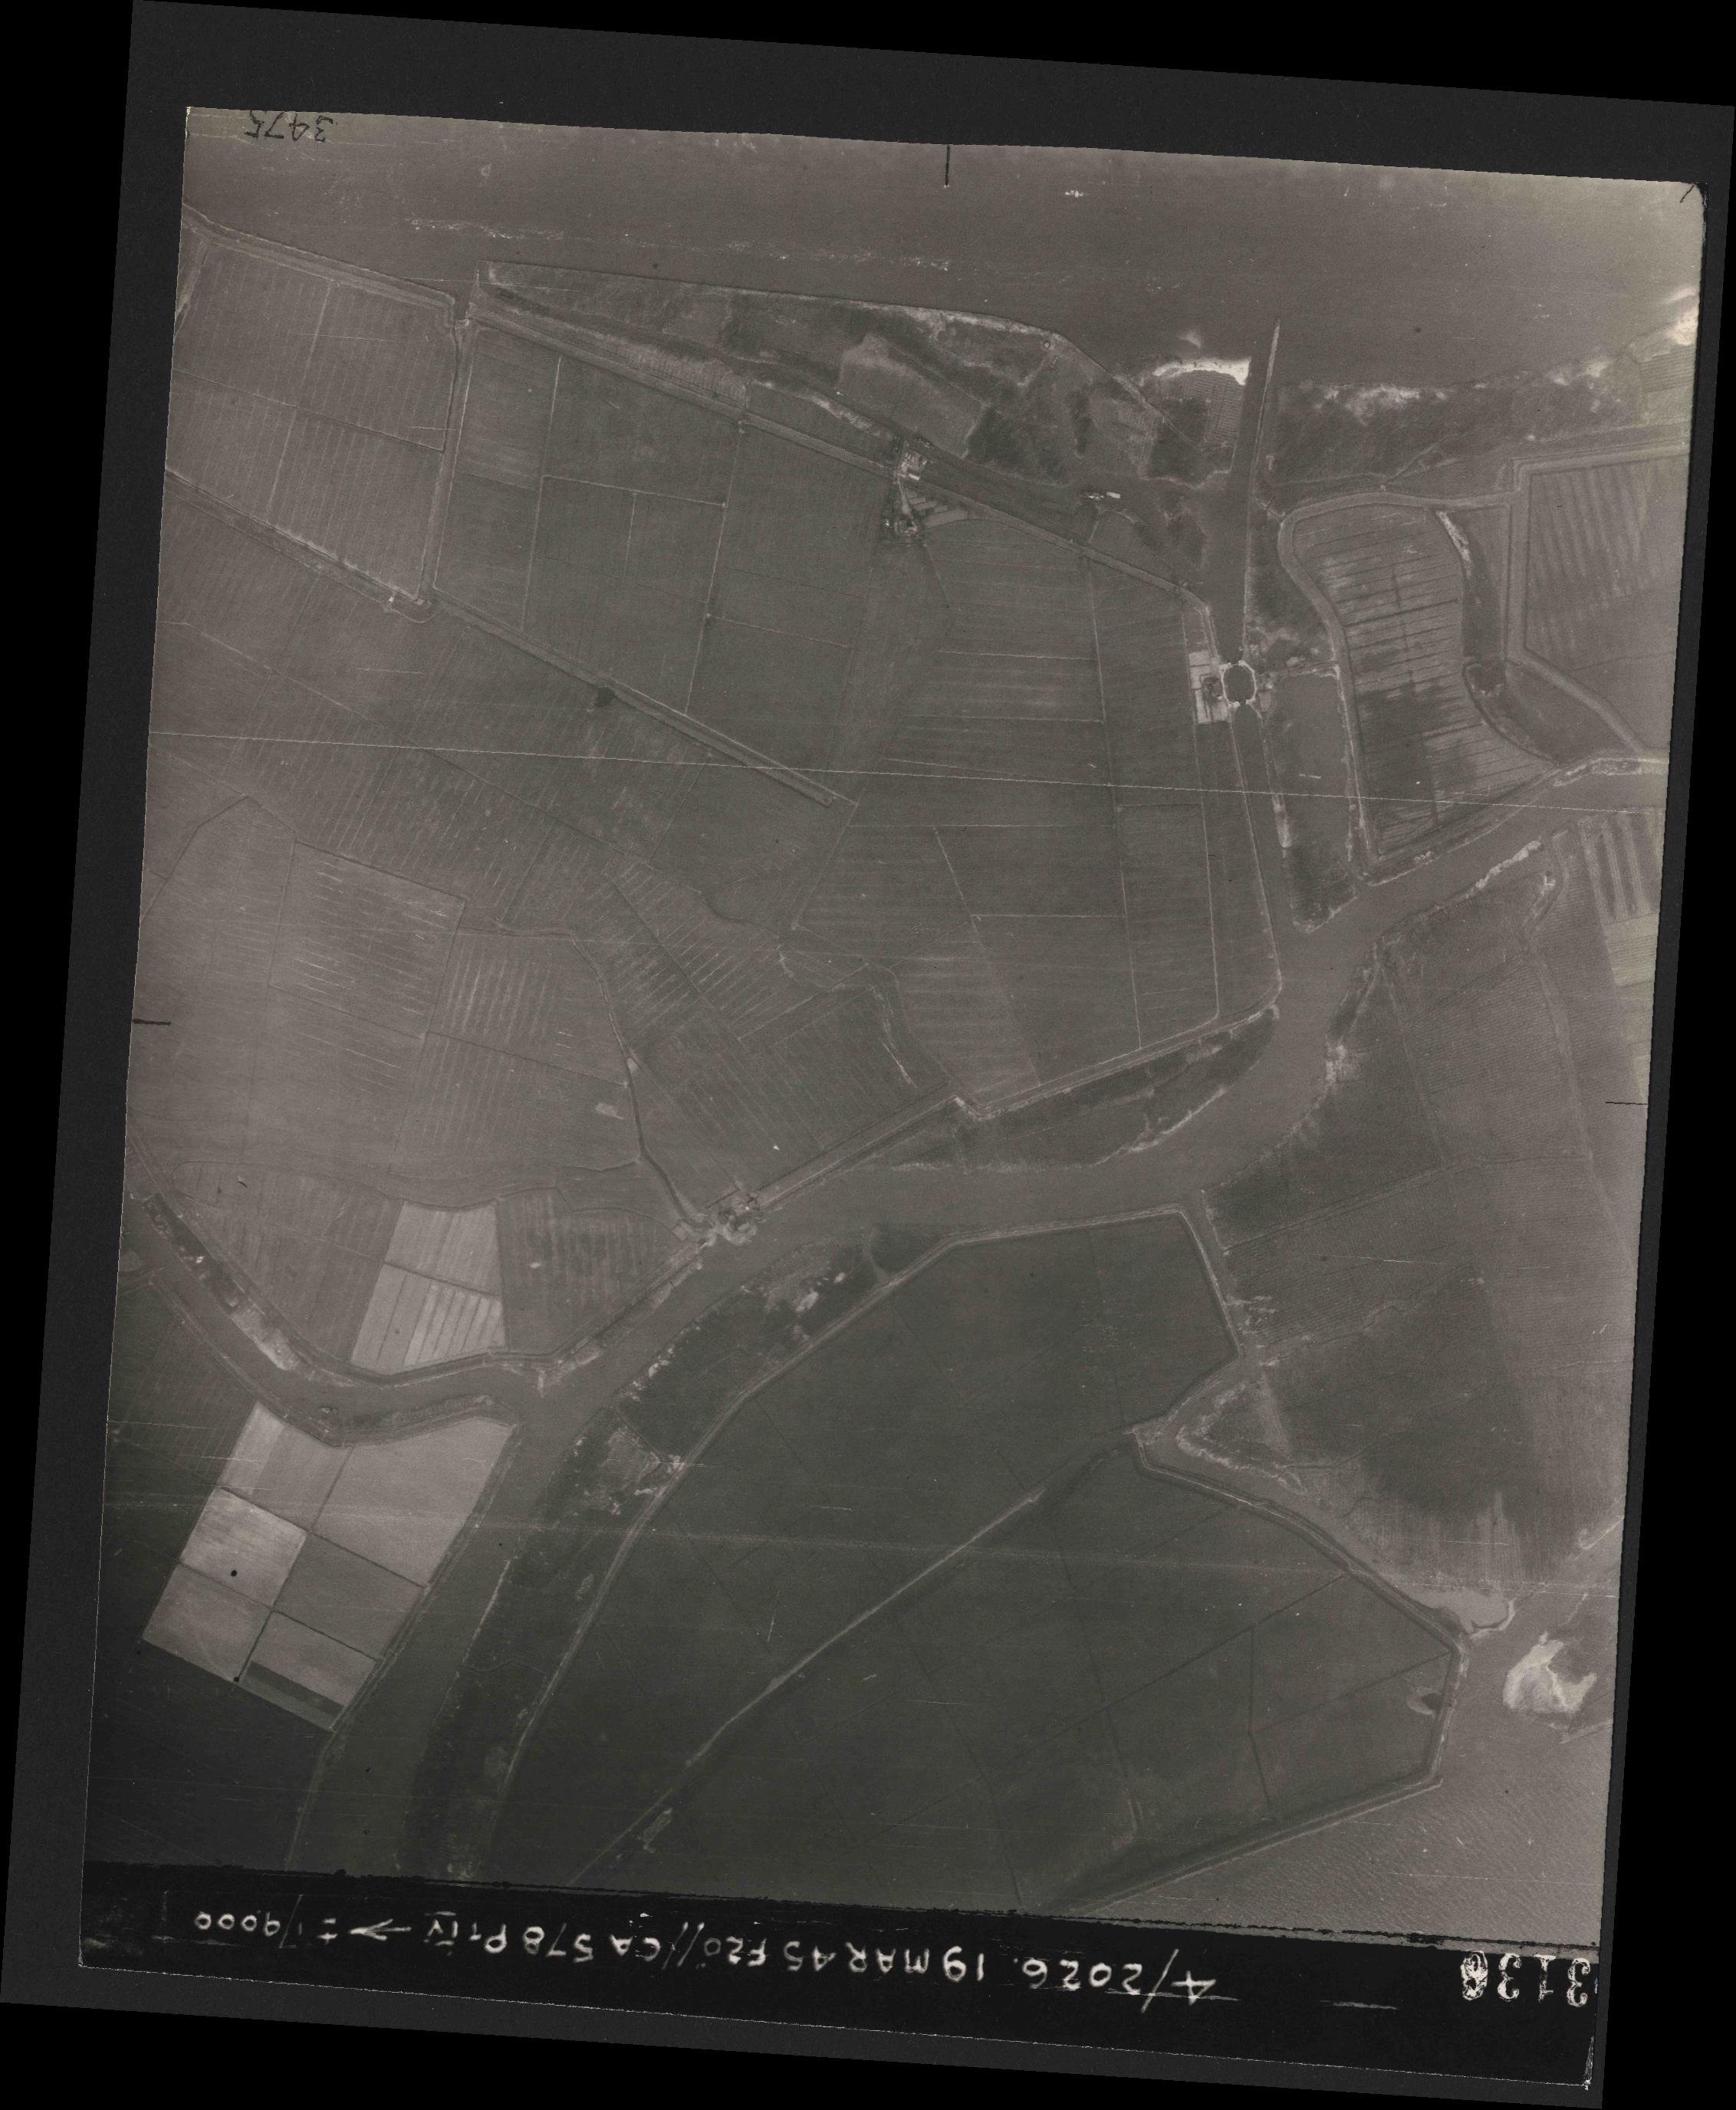 Collection RAF aerial photos 1940-1945 - flight 012, run 07, photo 3136